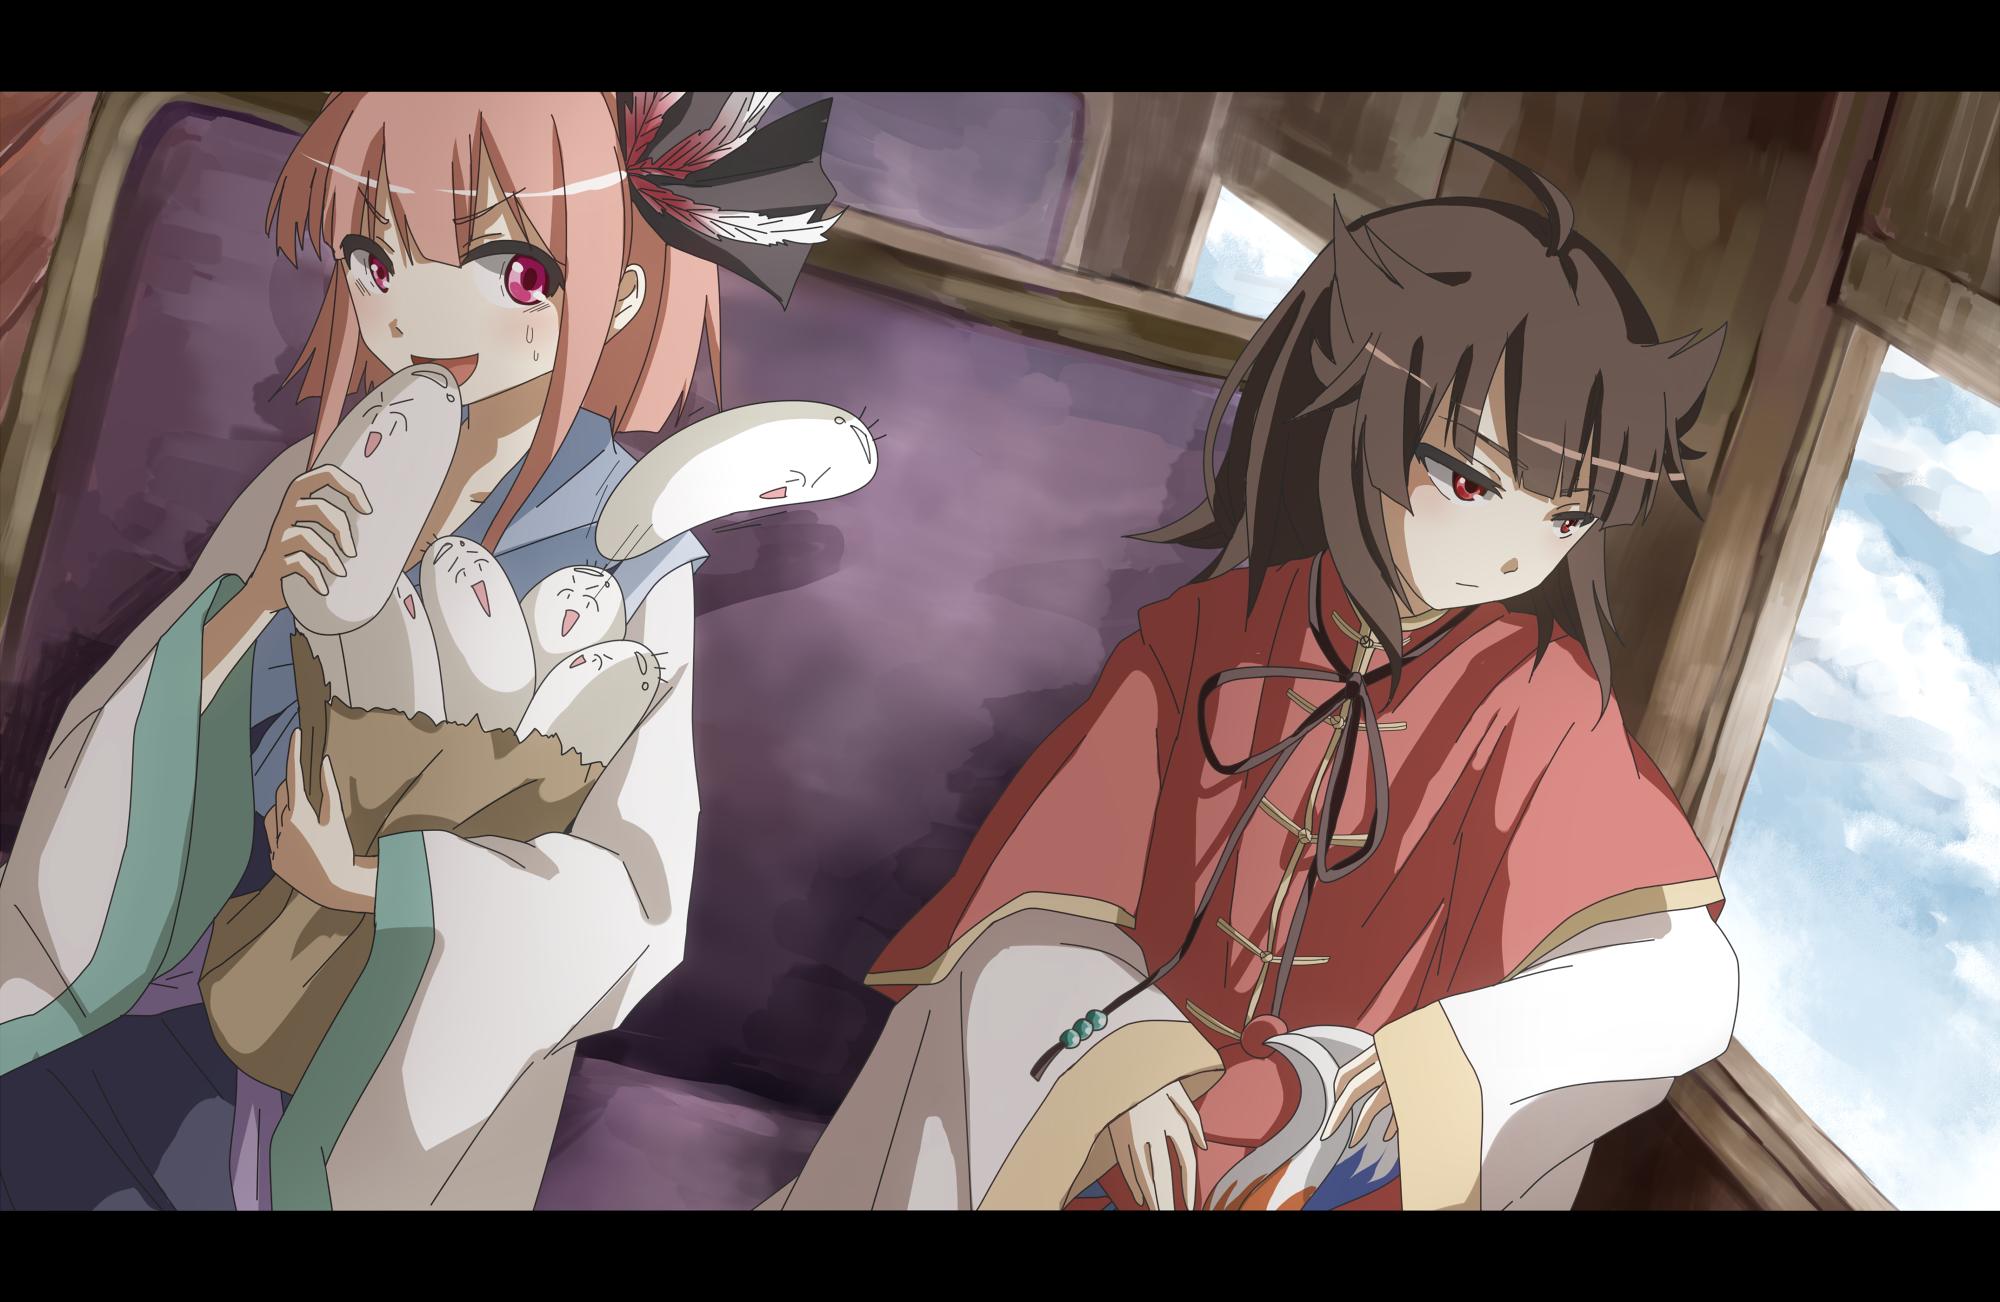 清瑠さんと朱凰さん